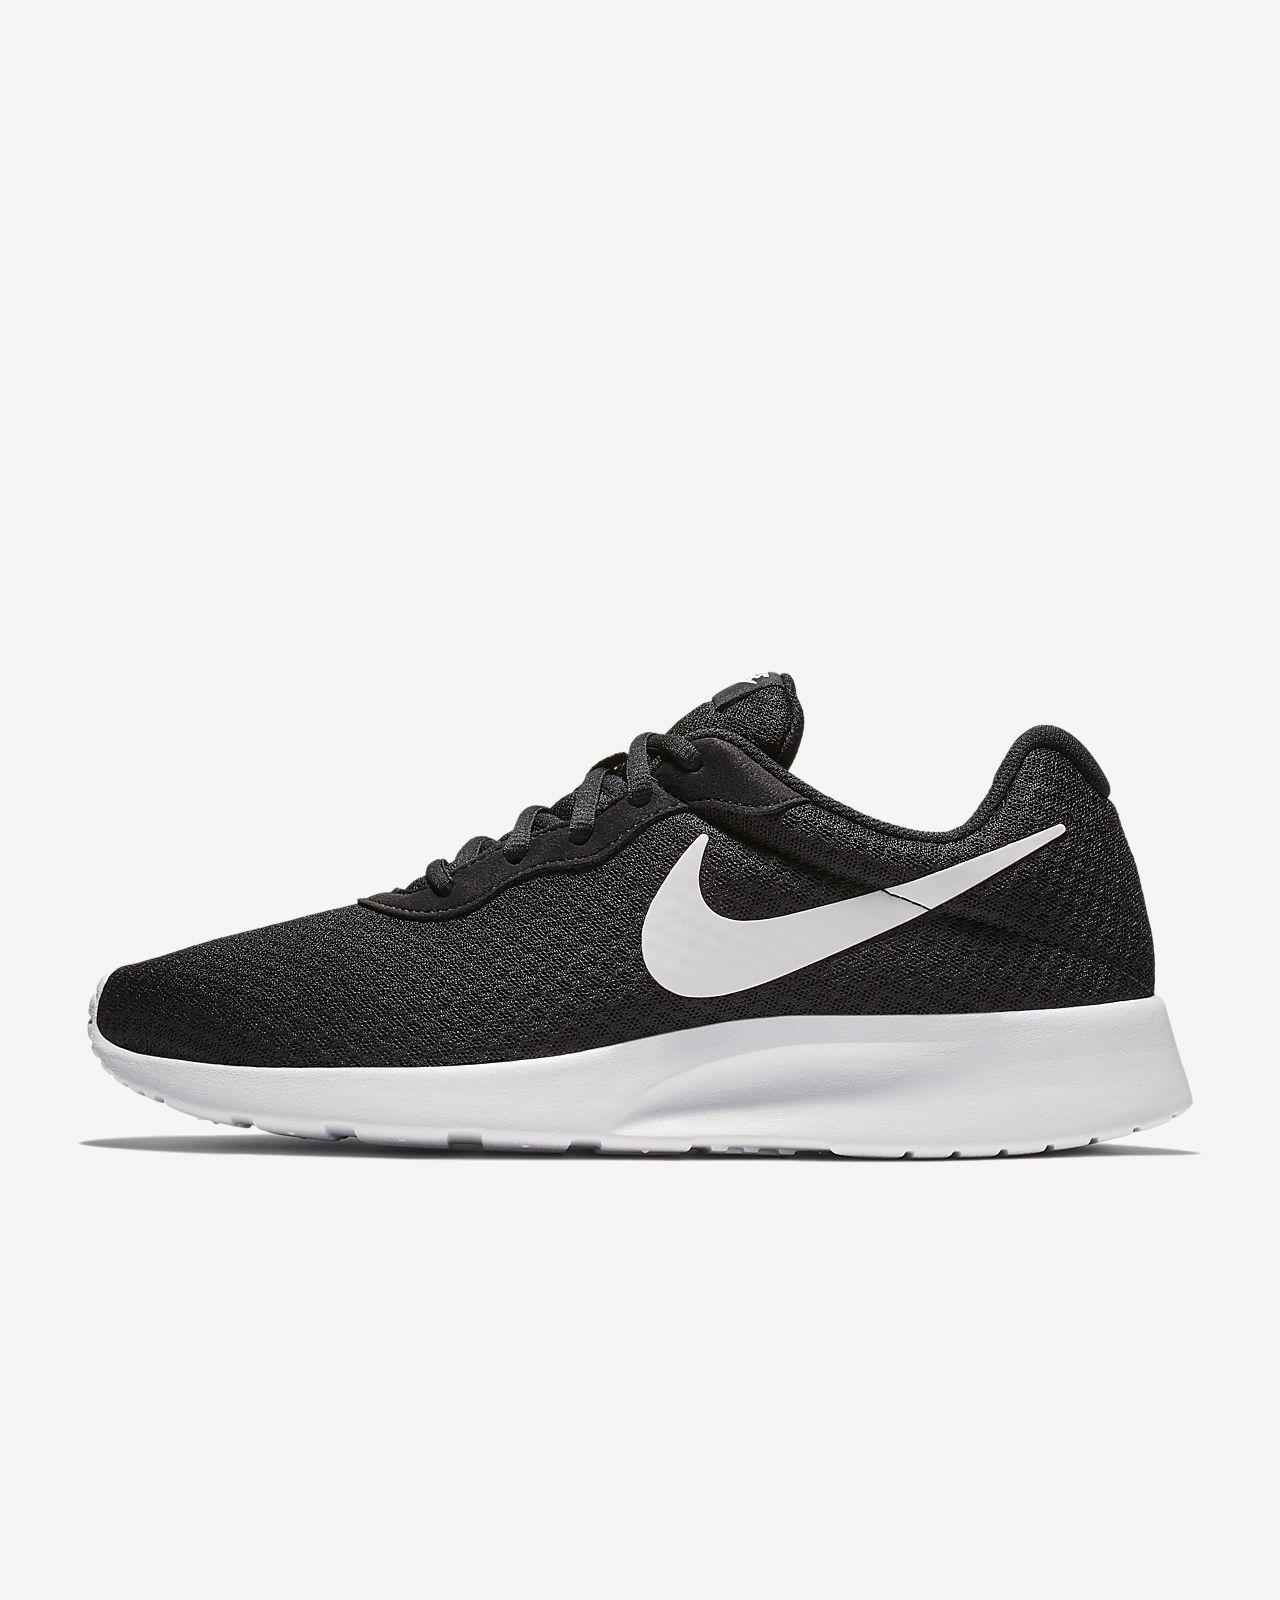 Nike Schuhe 2018 Tanjun Gs Sneaker Neu Laufschuhe Damen